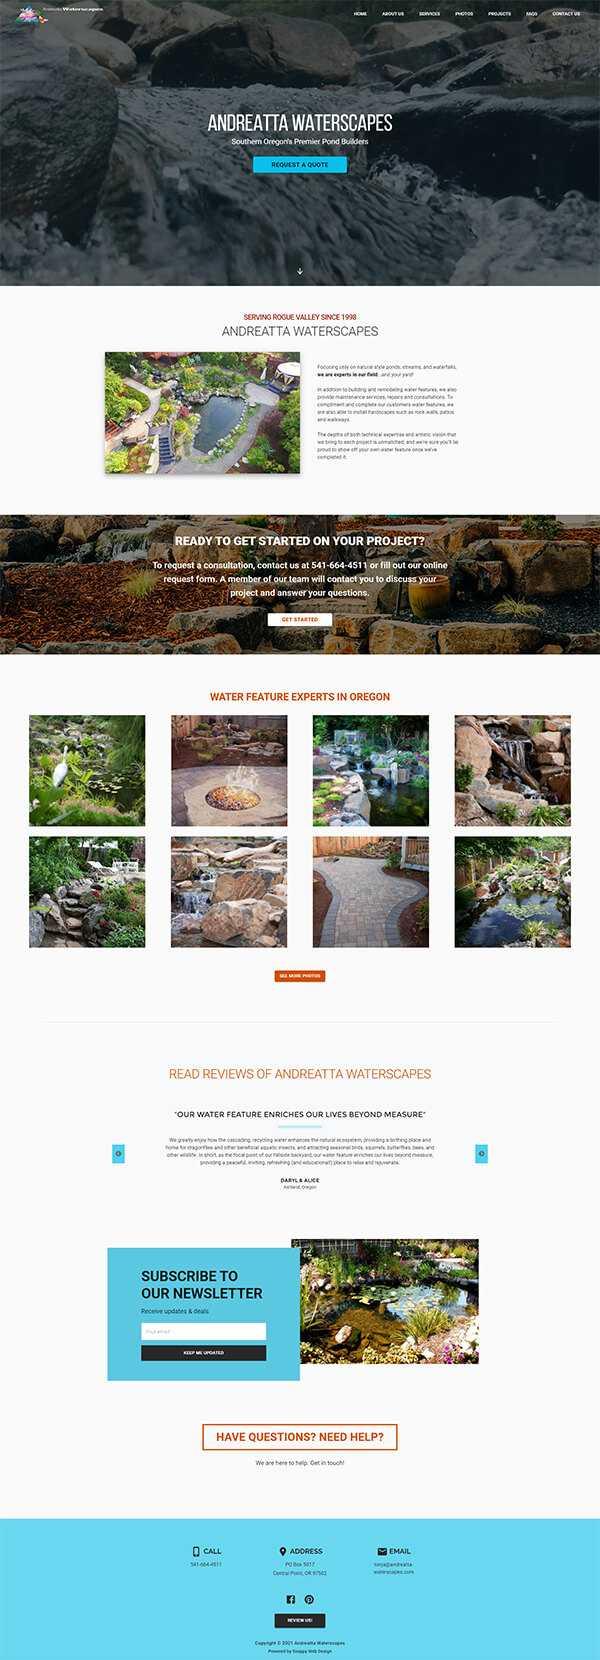 Andreatta Waterscapes .com